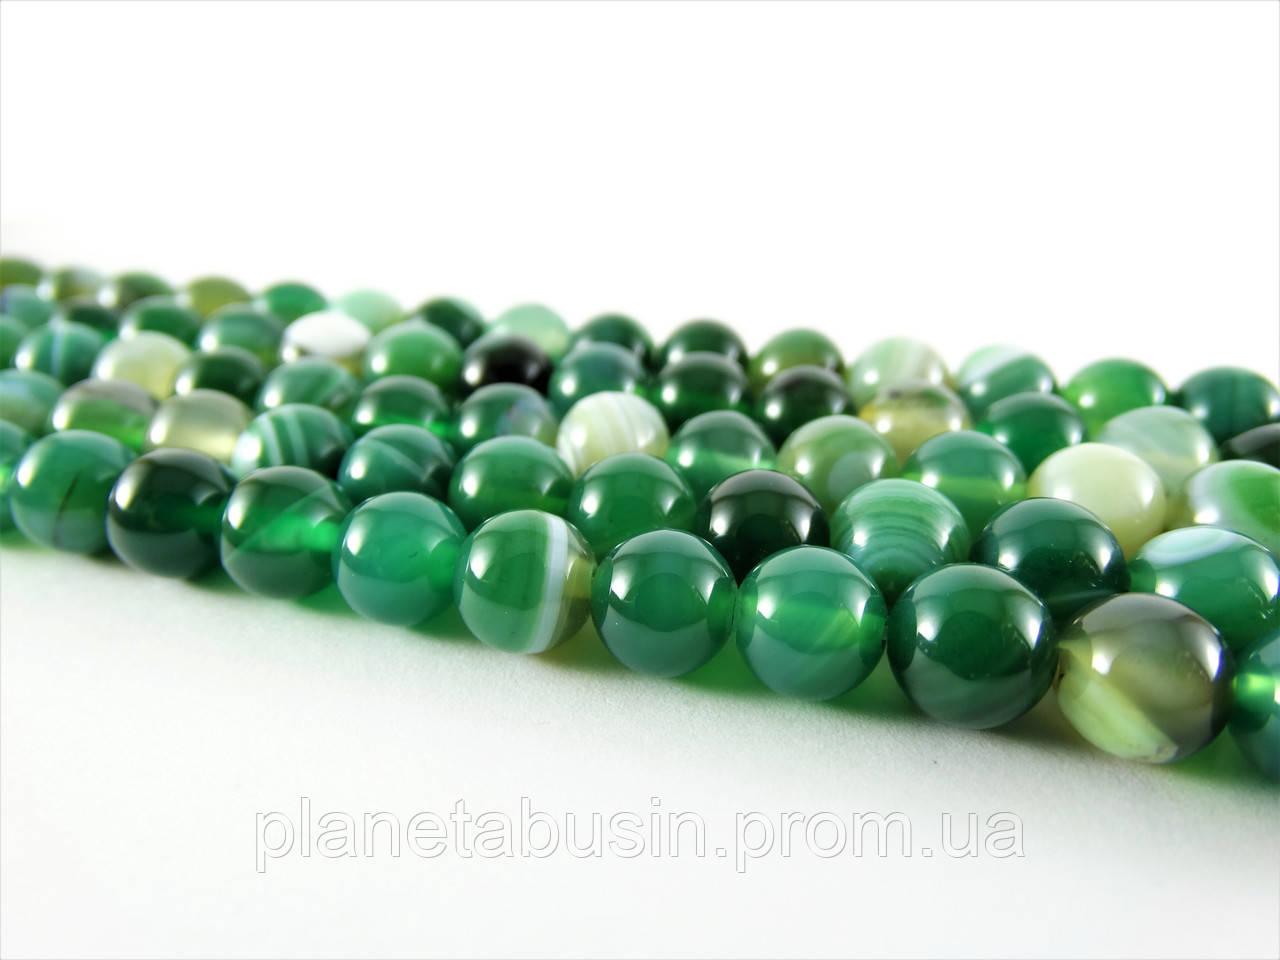 8 мм Зелёный Полосатый Агат, CN190, Натуральный камень, Форма: Шар, Отверстие: 1мм, кол-во: 47-48 шт/нить